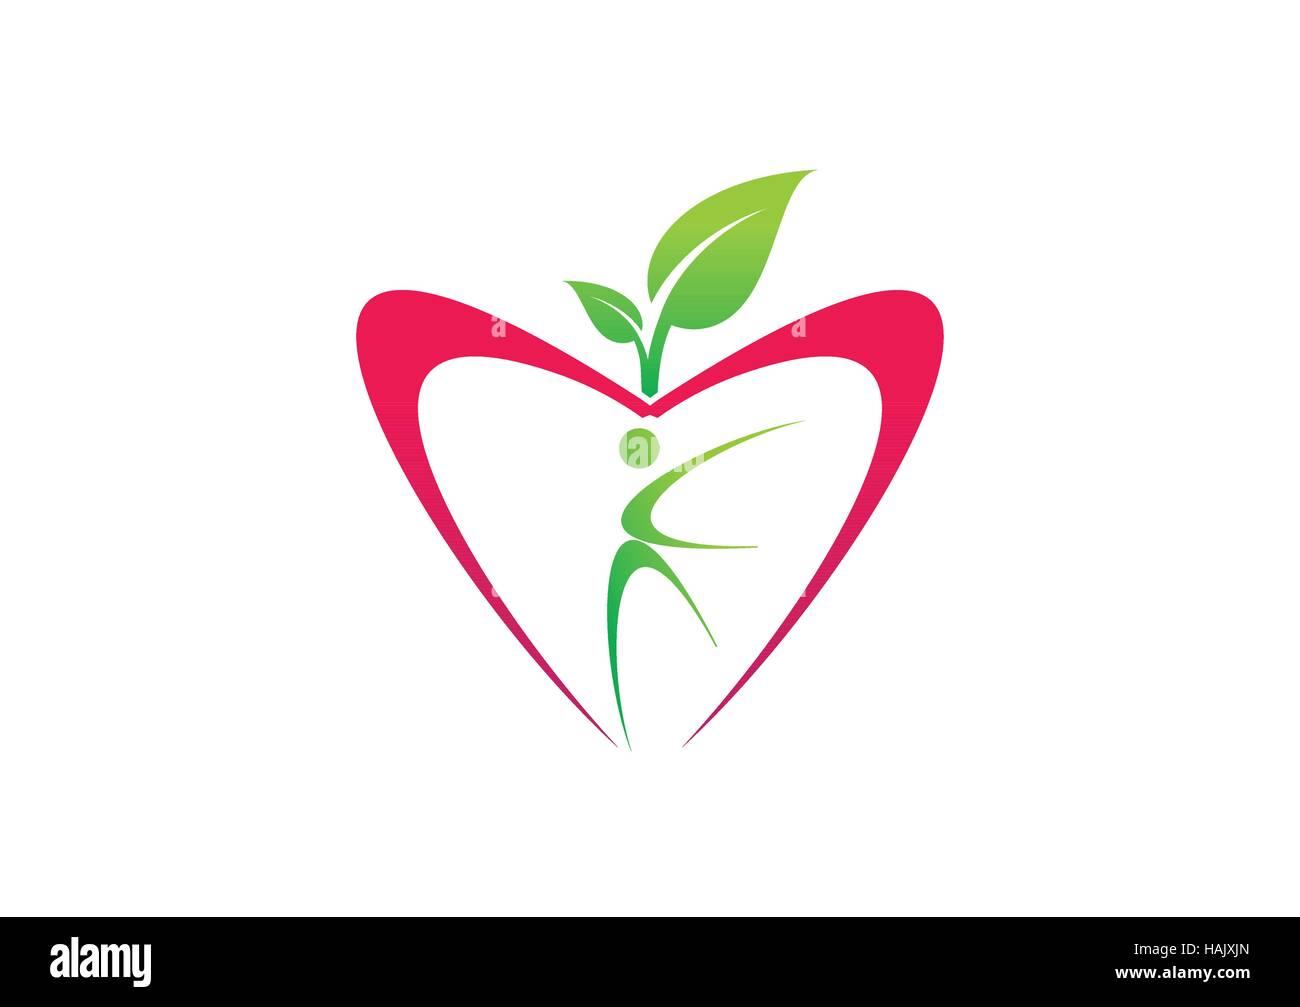 Apple Nutrition Food Logo Dieta Frutta Pianta Simbolo Persone Il Benessere E Il Fitness Icona Illustrazione Natura Salute Vettore Di Design Immagine E Vettoriale Alamy